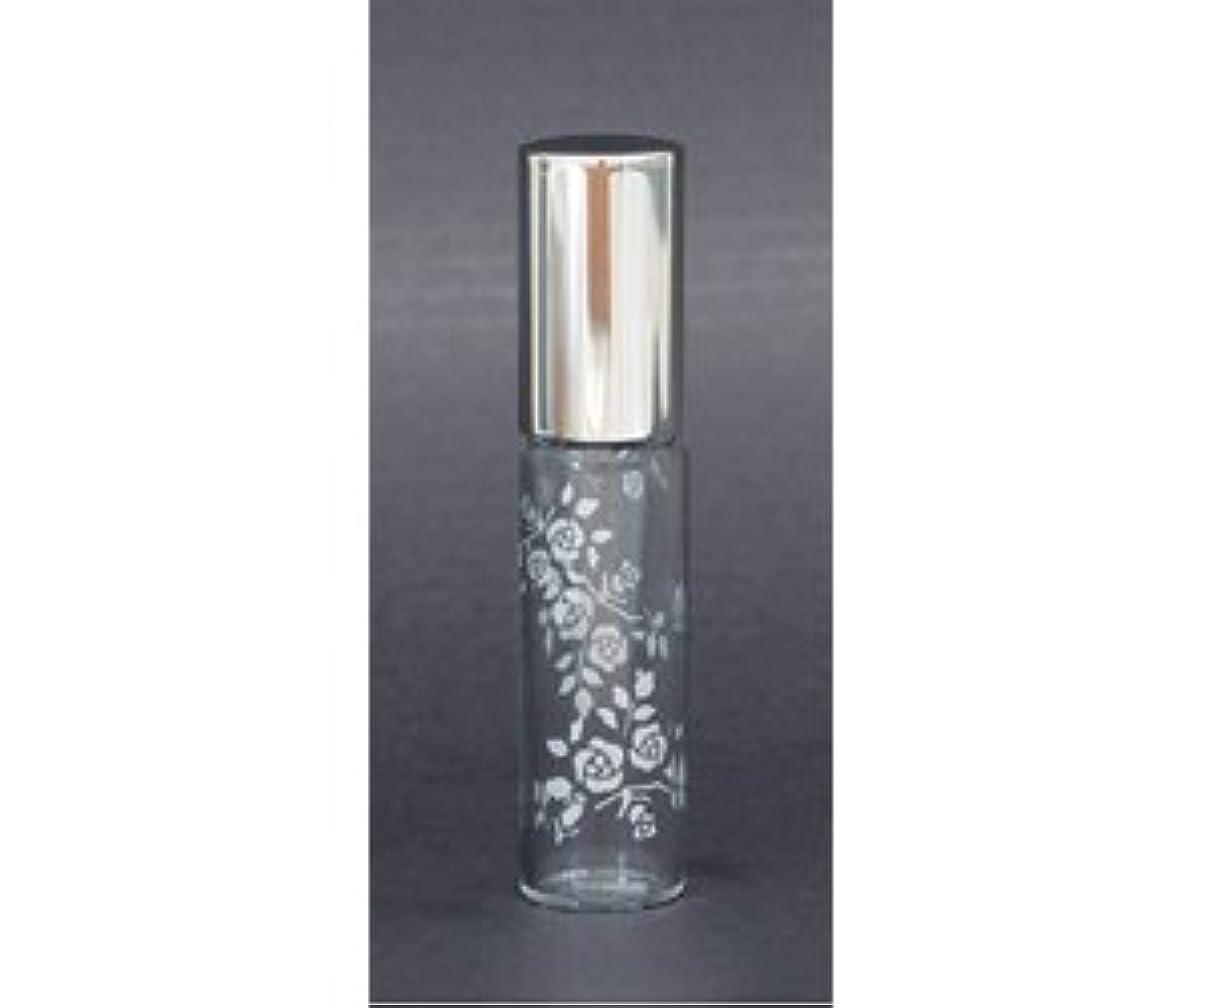 タイプライターケーブルレオナルドダヤマダアトマイザー コロプチ パフュームローラー 香水 携帯用 詰め換え用付属品入り 60714 アトマイザー